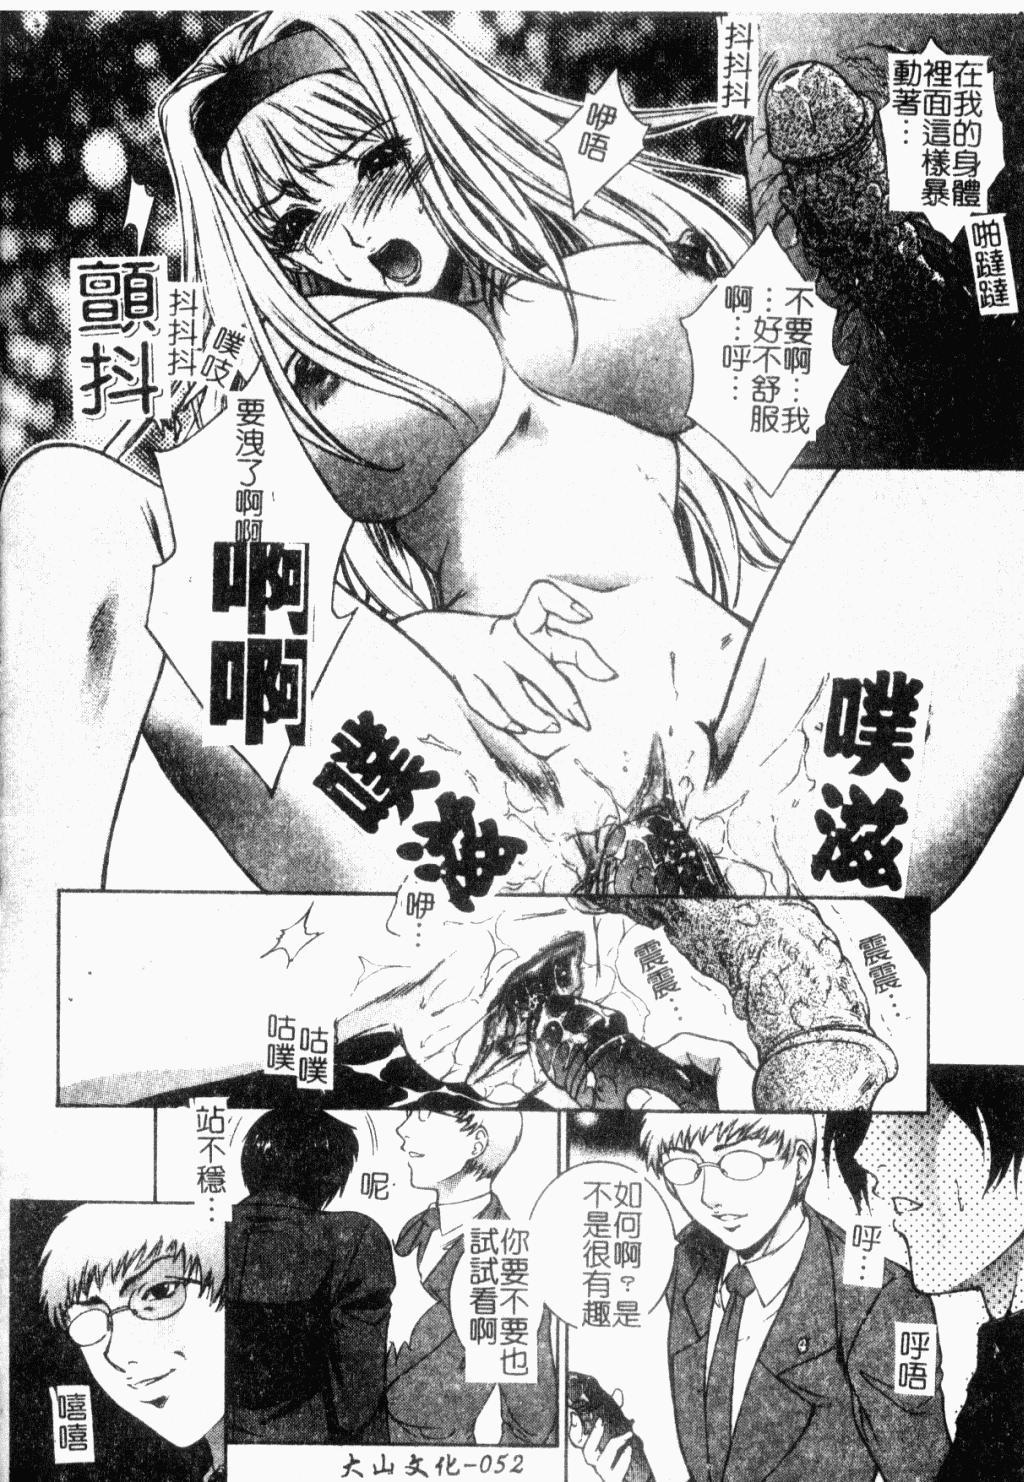 Choukyou Gakuen 2 Genteiban 51